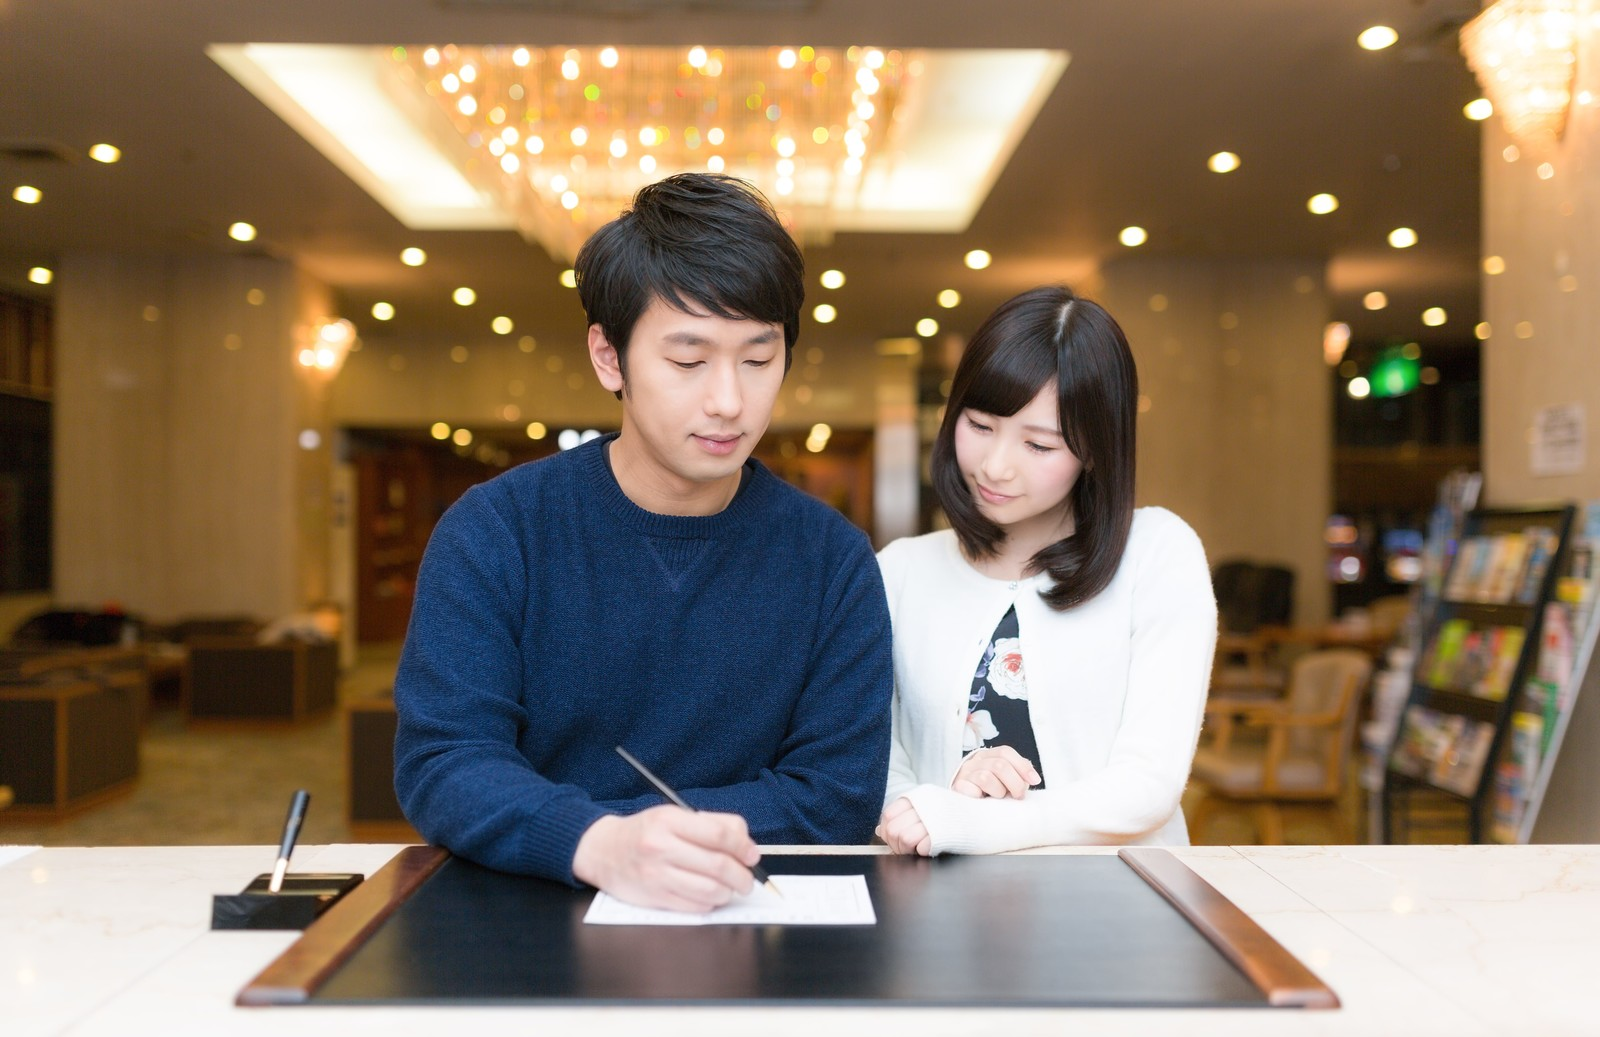 ホテル業界への転職を未経験で成功させたカップル